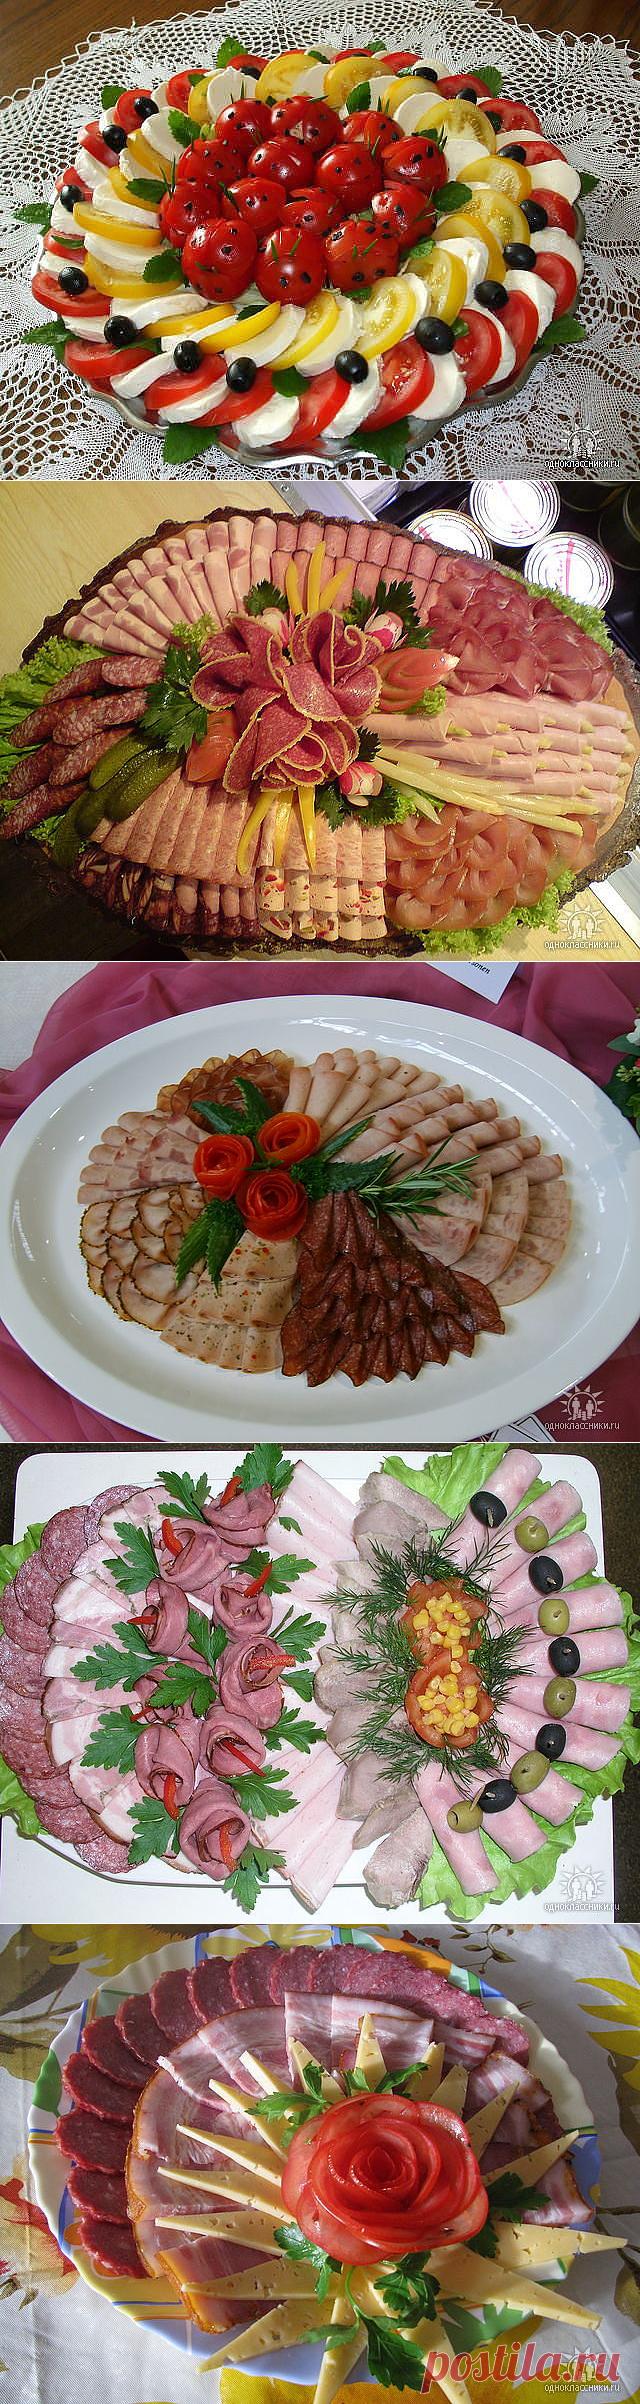 Красивые нарезки (оформление блюд)